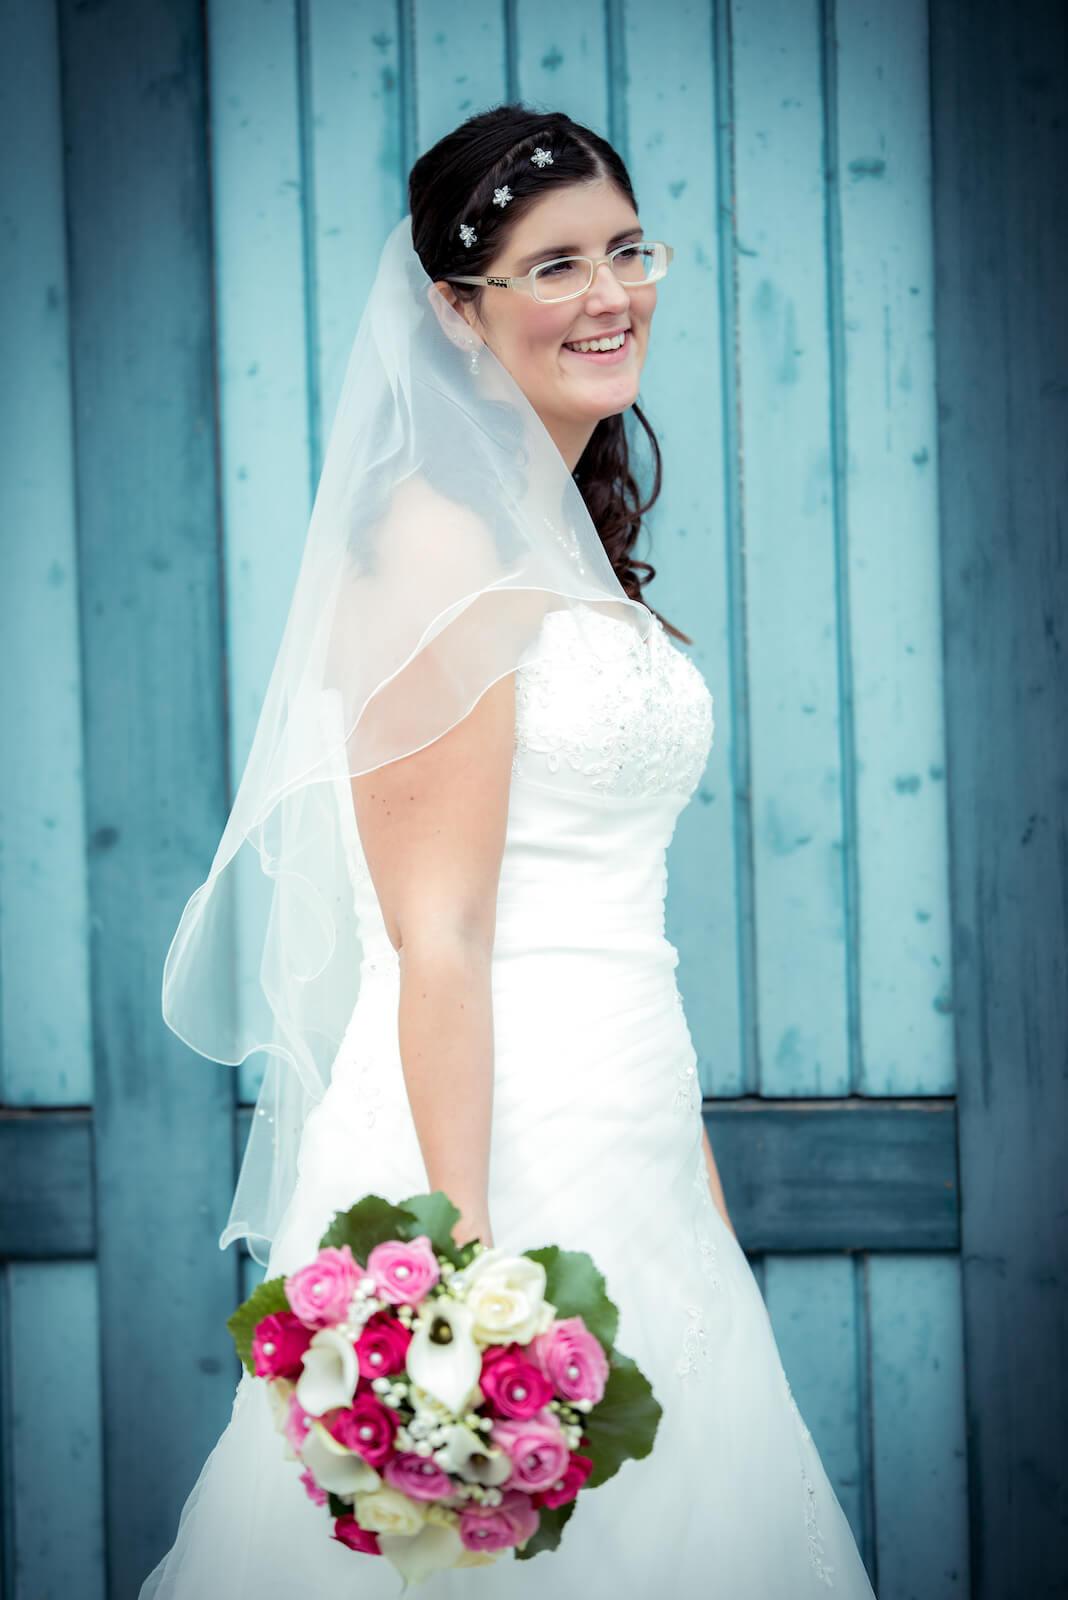 kirchliche Trauung in Landsberg - Braut lachend beim Fotoshooting